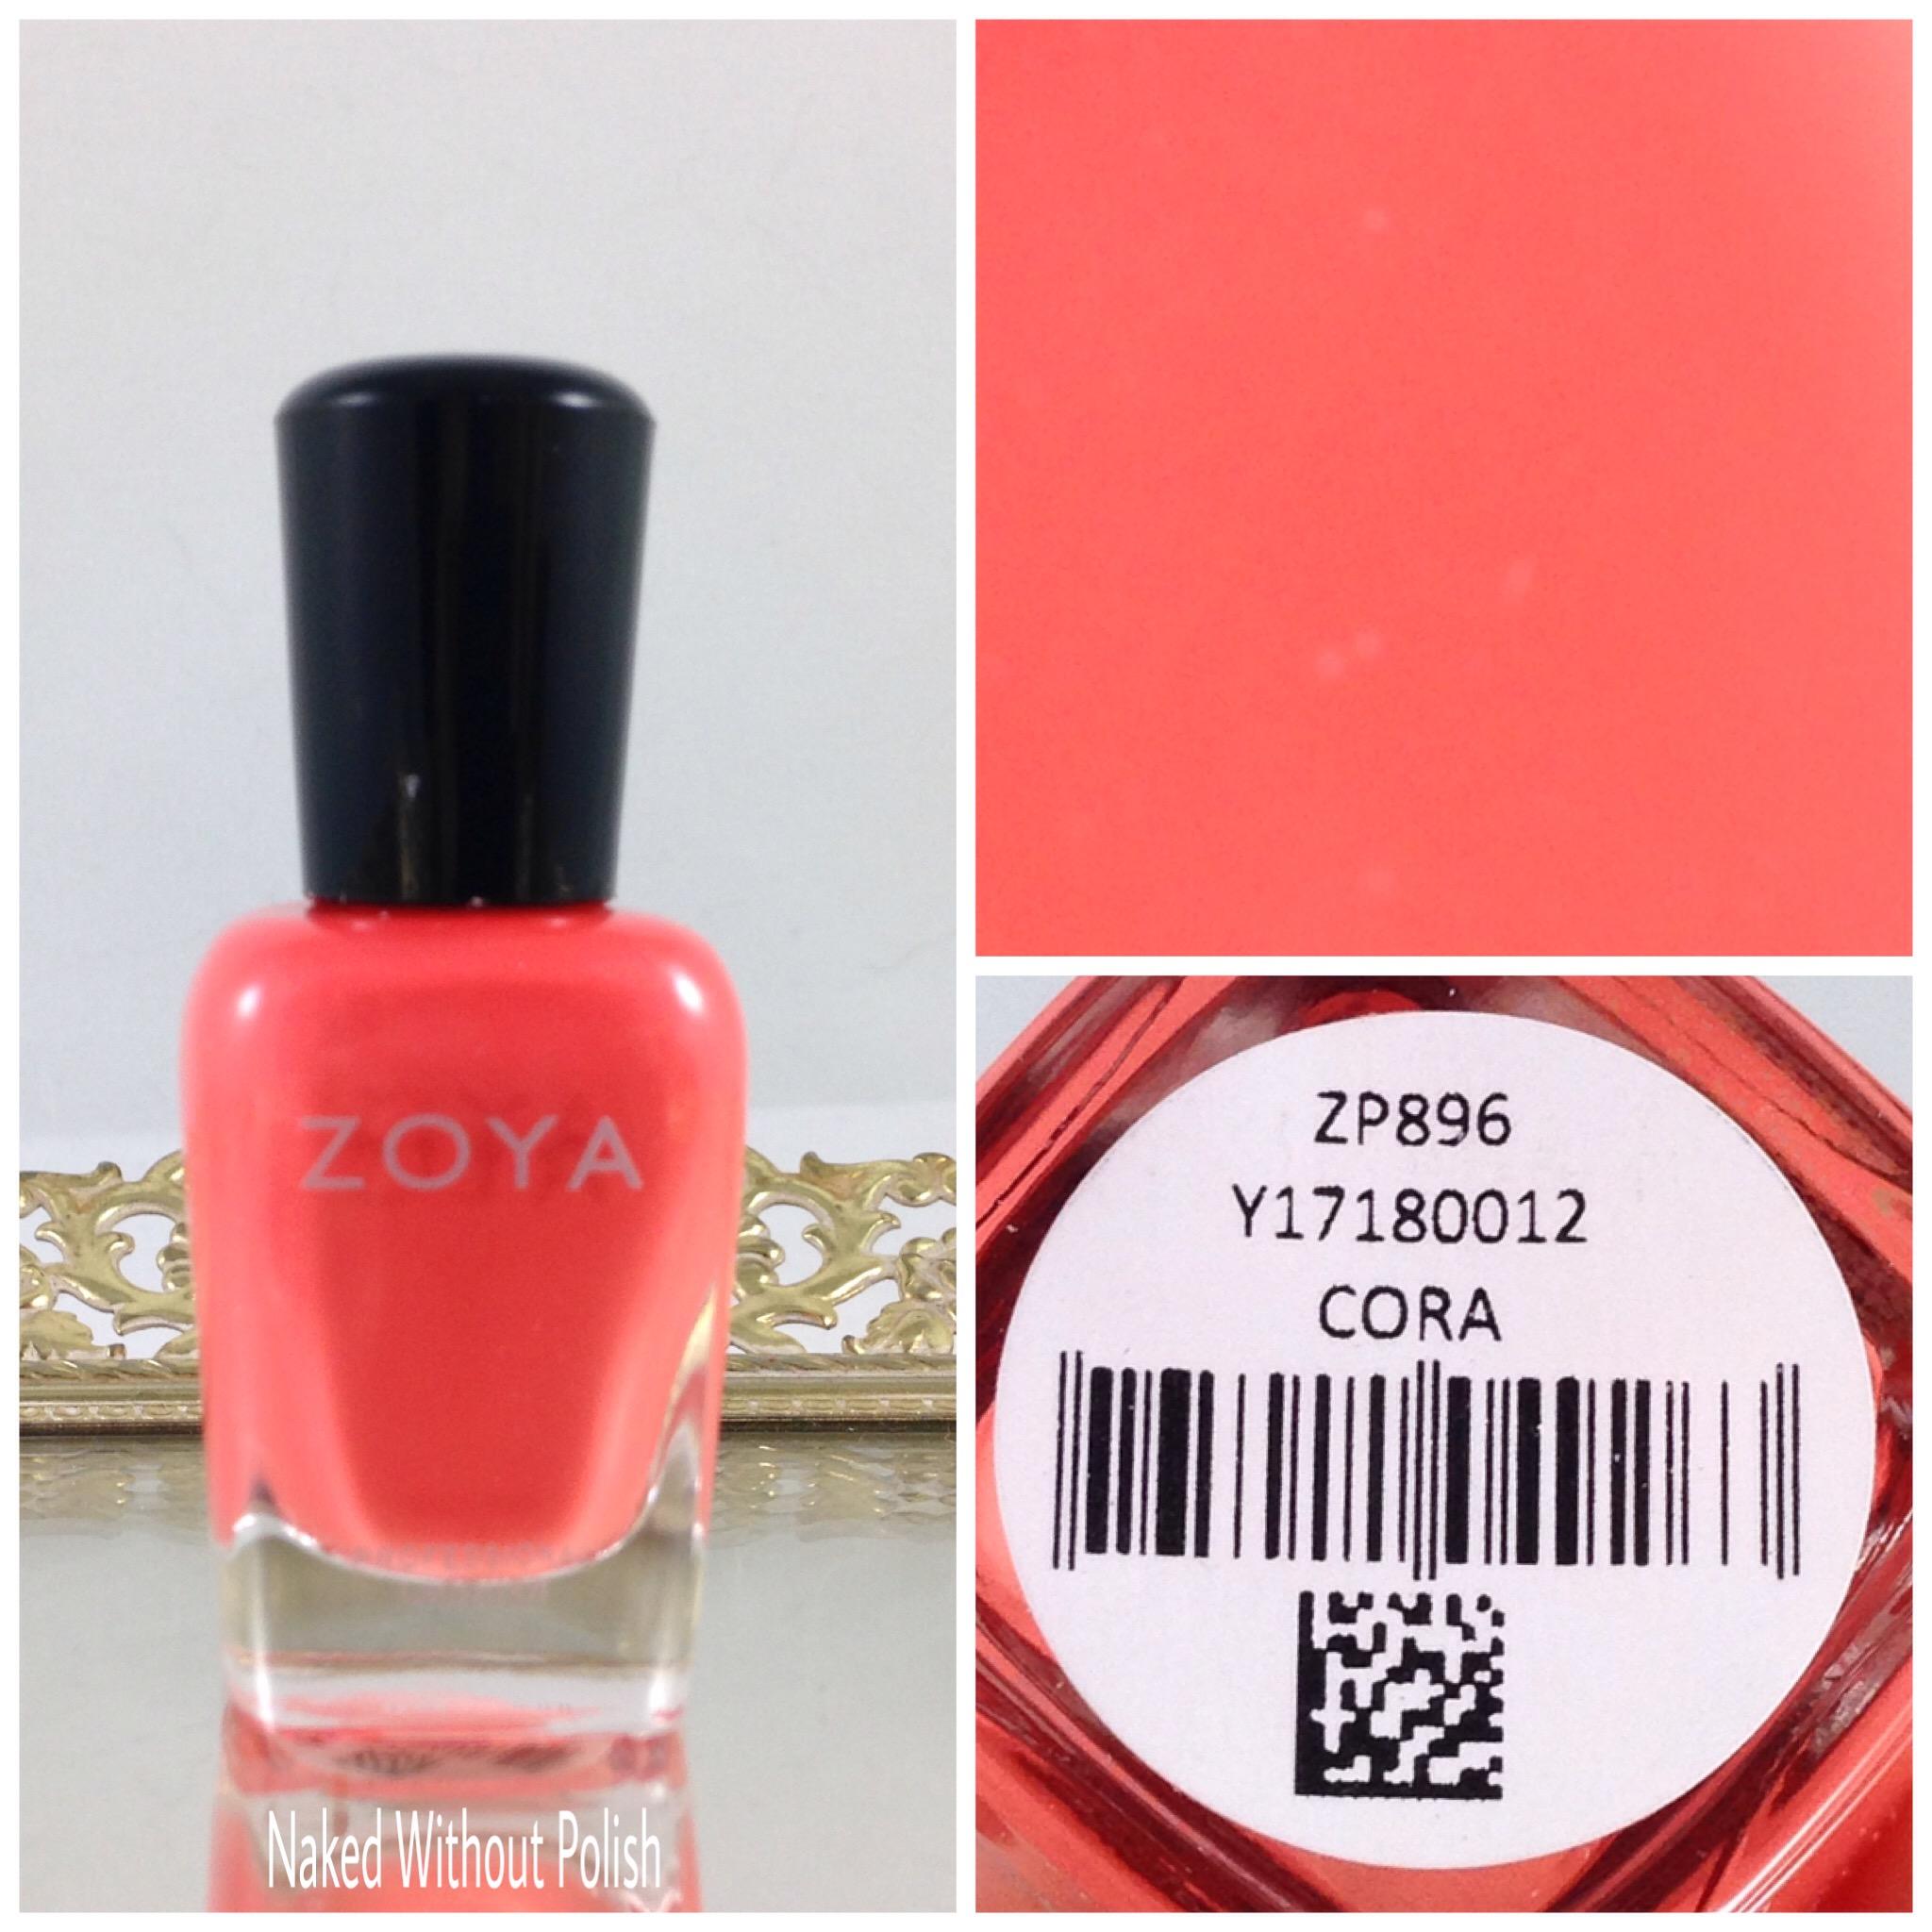 Zoya-Cora-1